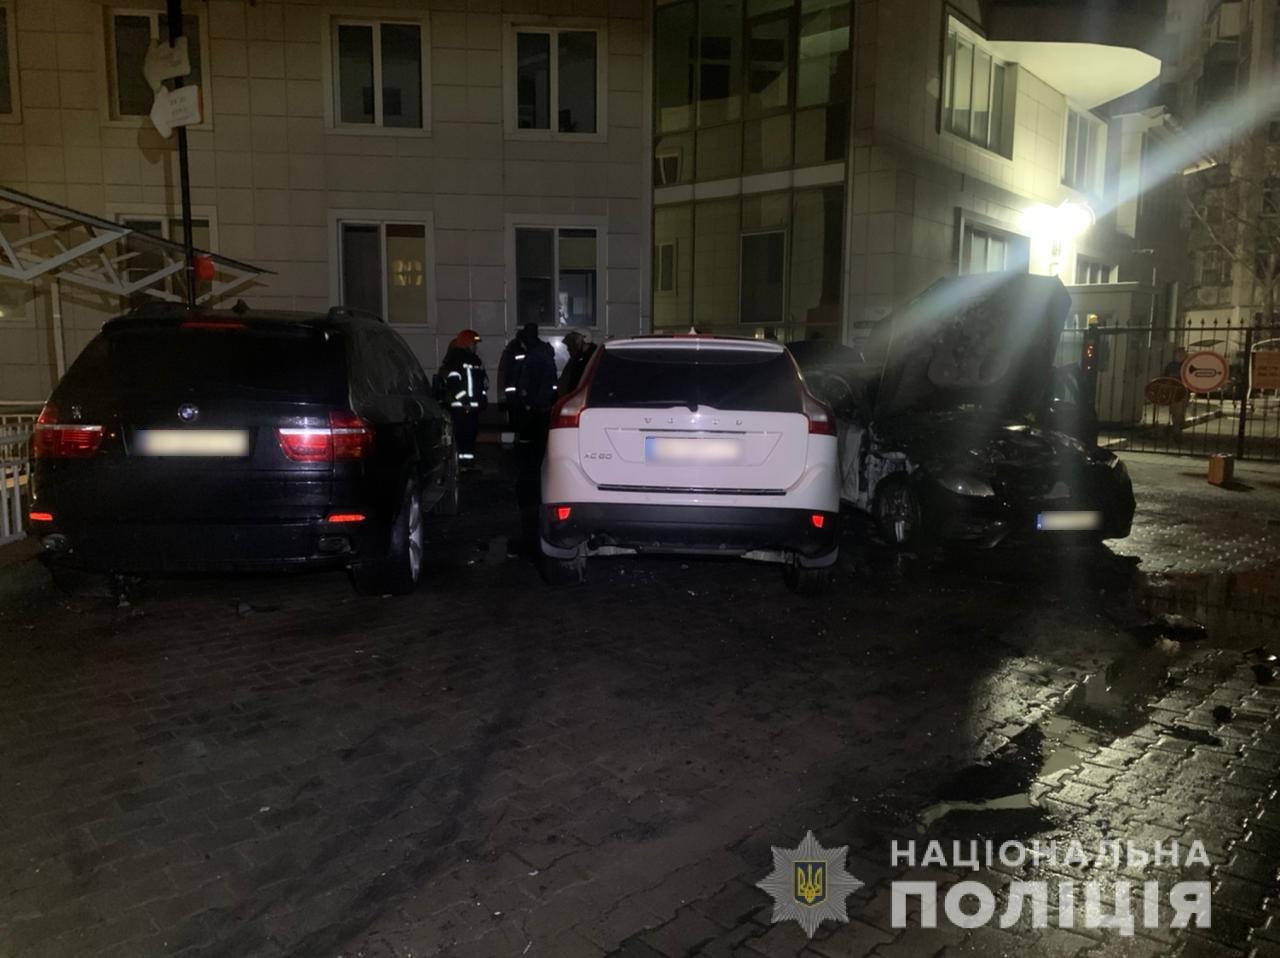 В Одессе неизвестные подожгли автомобиль, огонь перекинулся на соседние машины, - ФОТО, фото-3